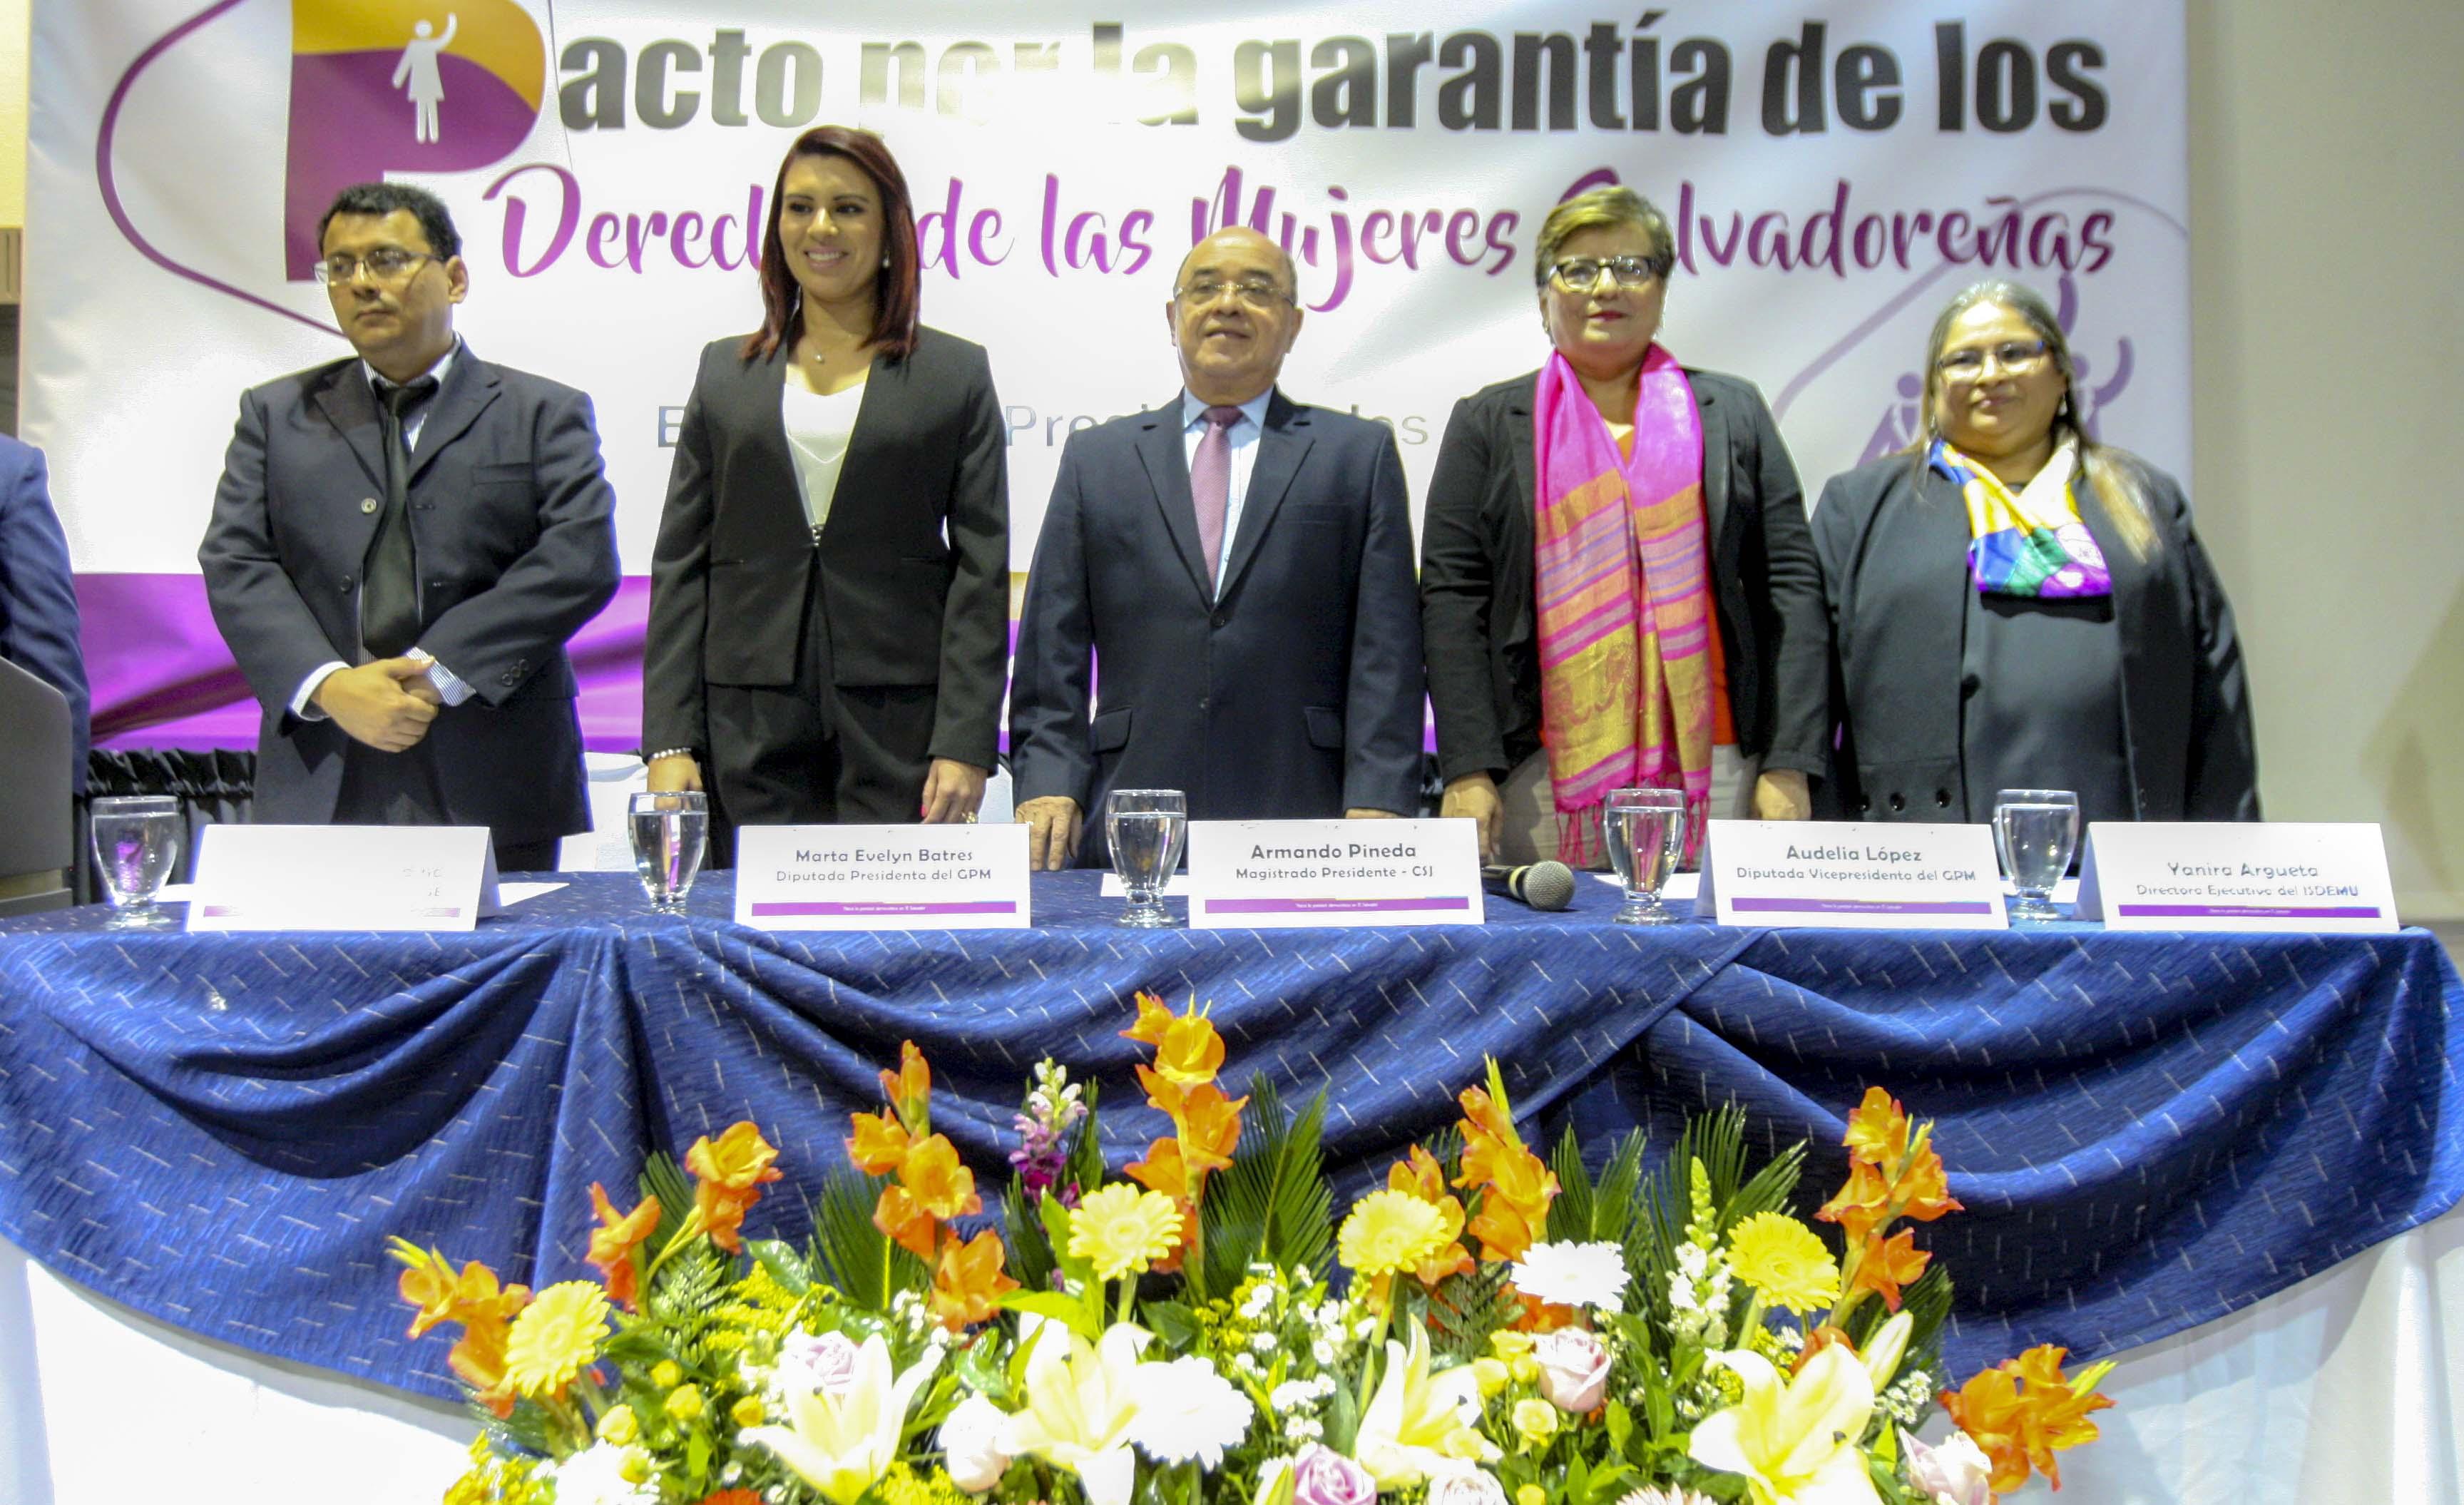 Firman Pacto por la garantía de los Derechos de las Mujeres